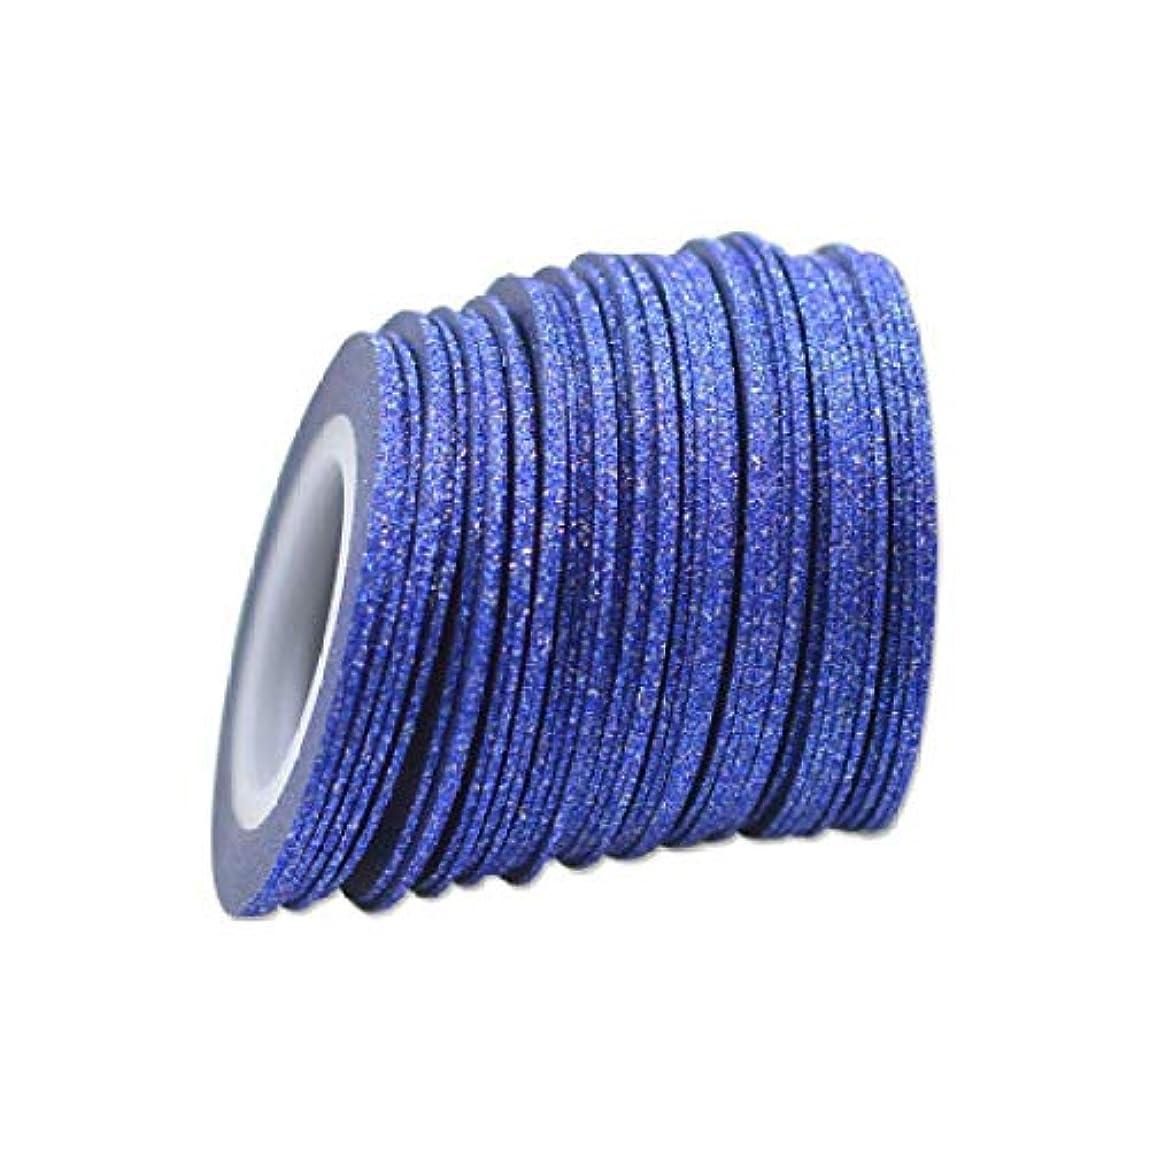 テラスエアコン廃棄するSUKTI&XIAO ネイルステッカー 100ロール/セット1Mmネイルアートデコレーションフォイルストライピングテープラインオプションの色ロールスグリッターステッカーシルバー、ブルー